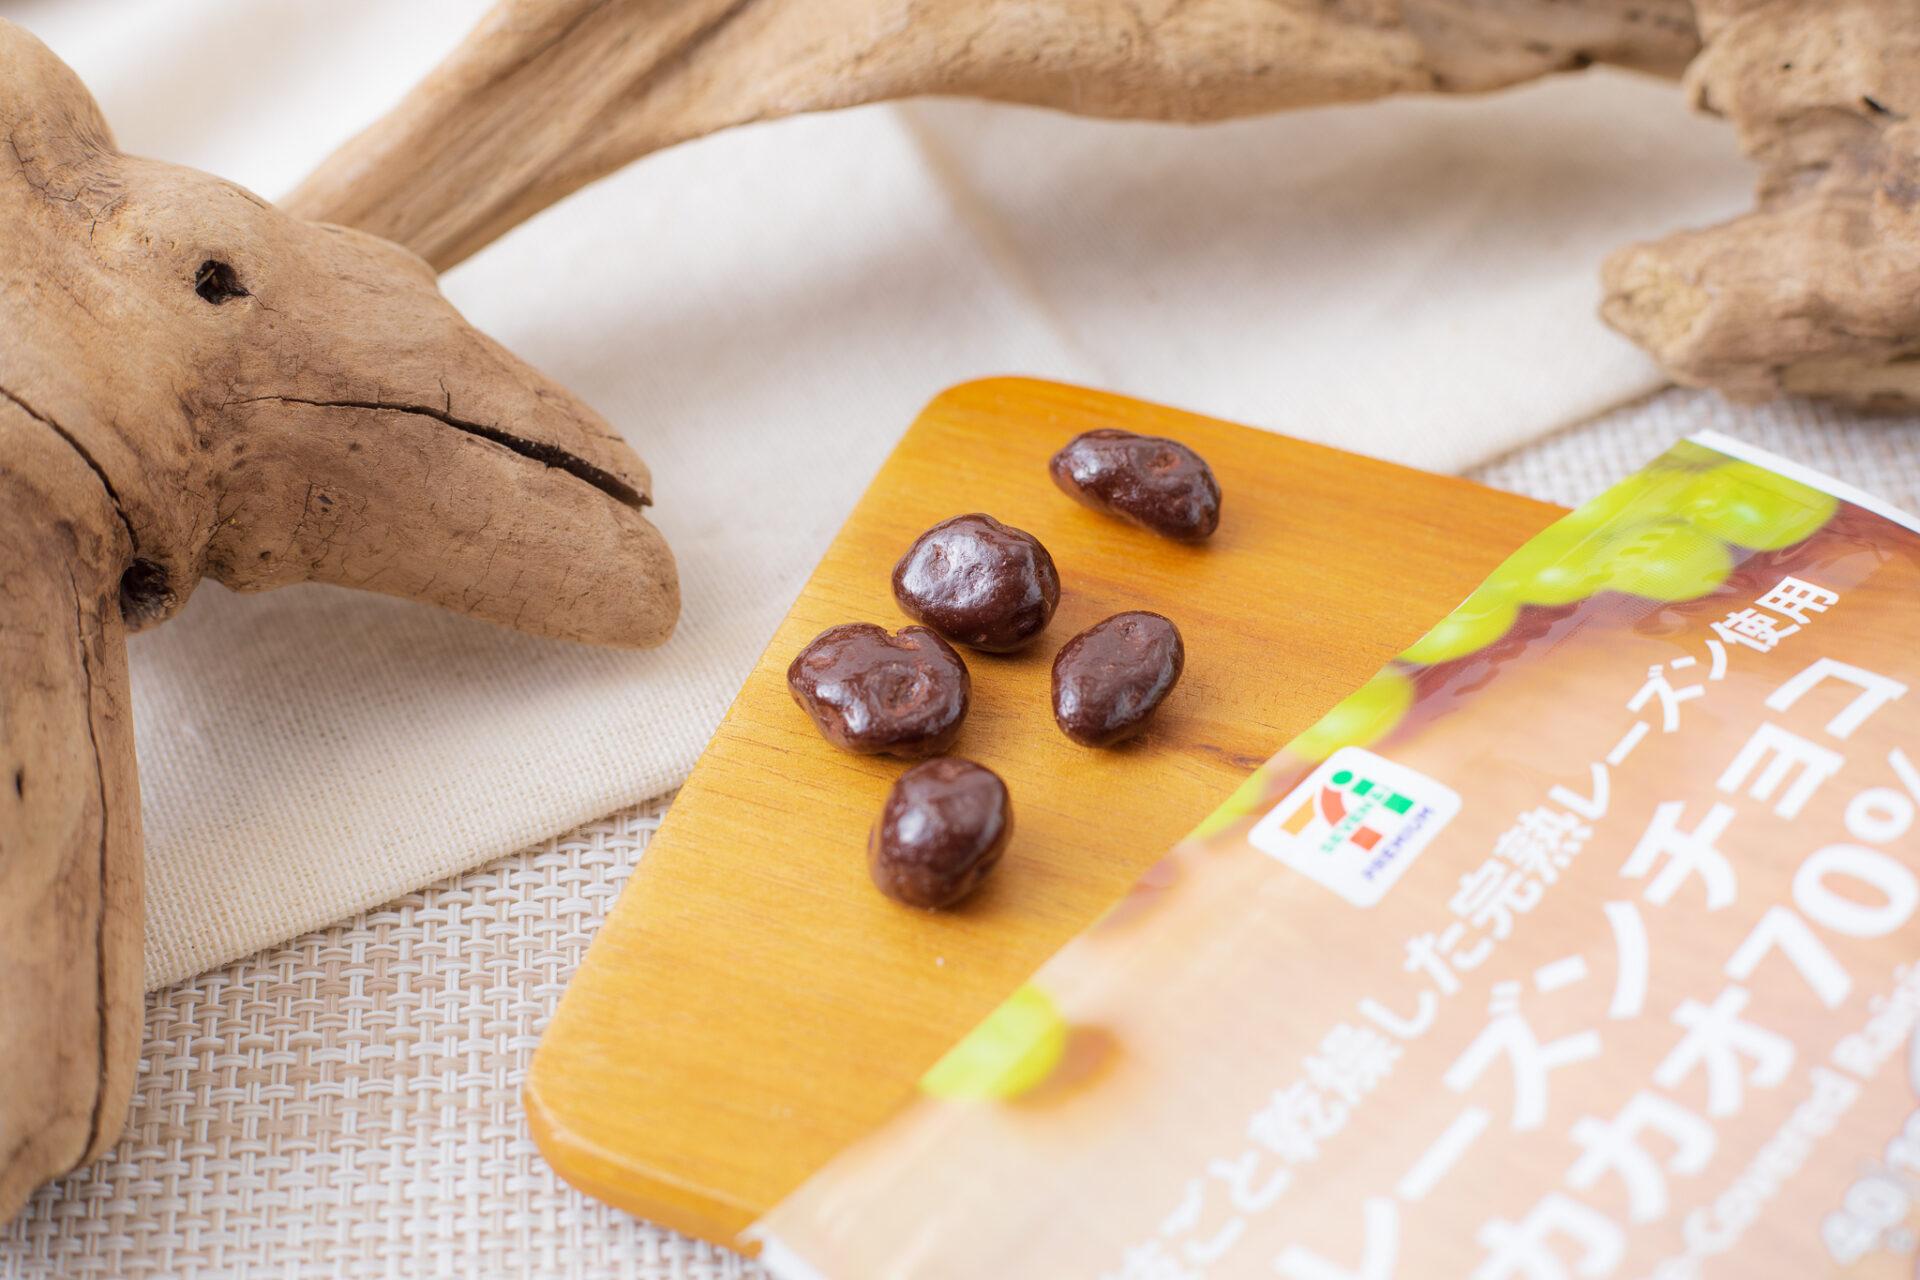 セブン-イレブン『レーズンチョコ カカオ70% 40g』